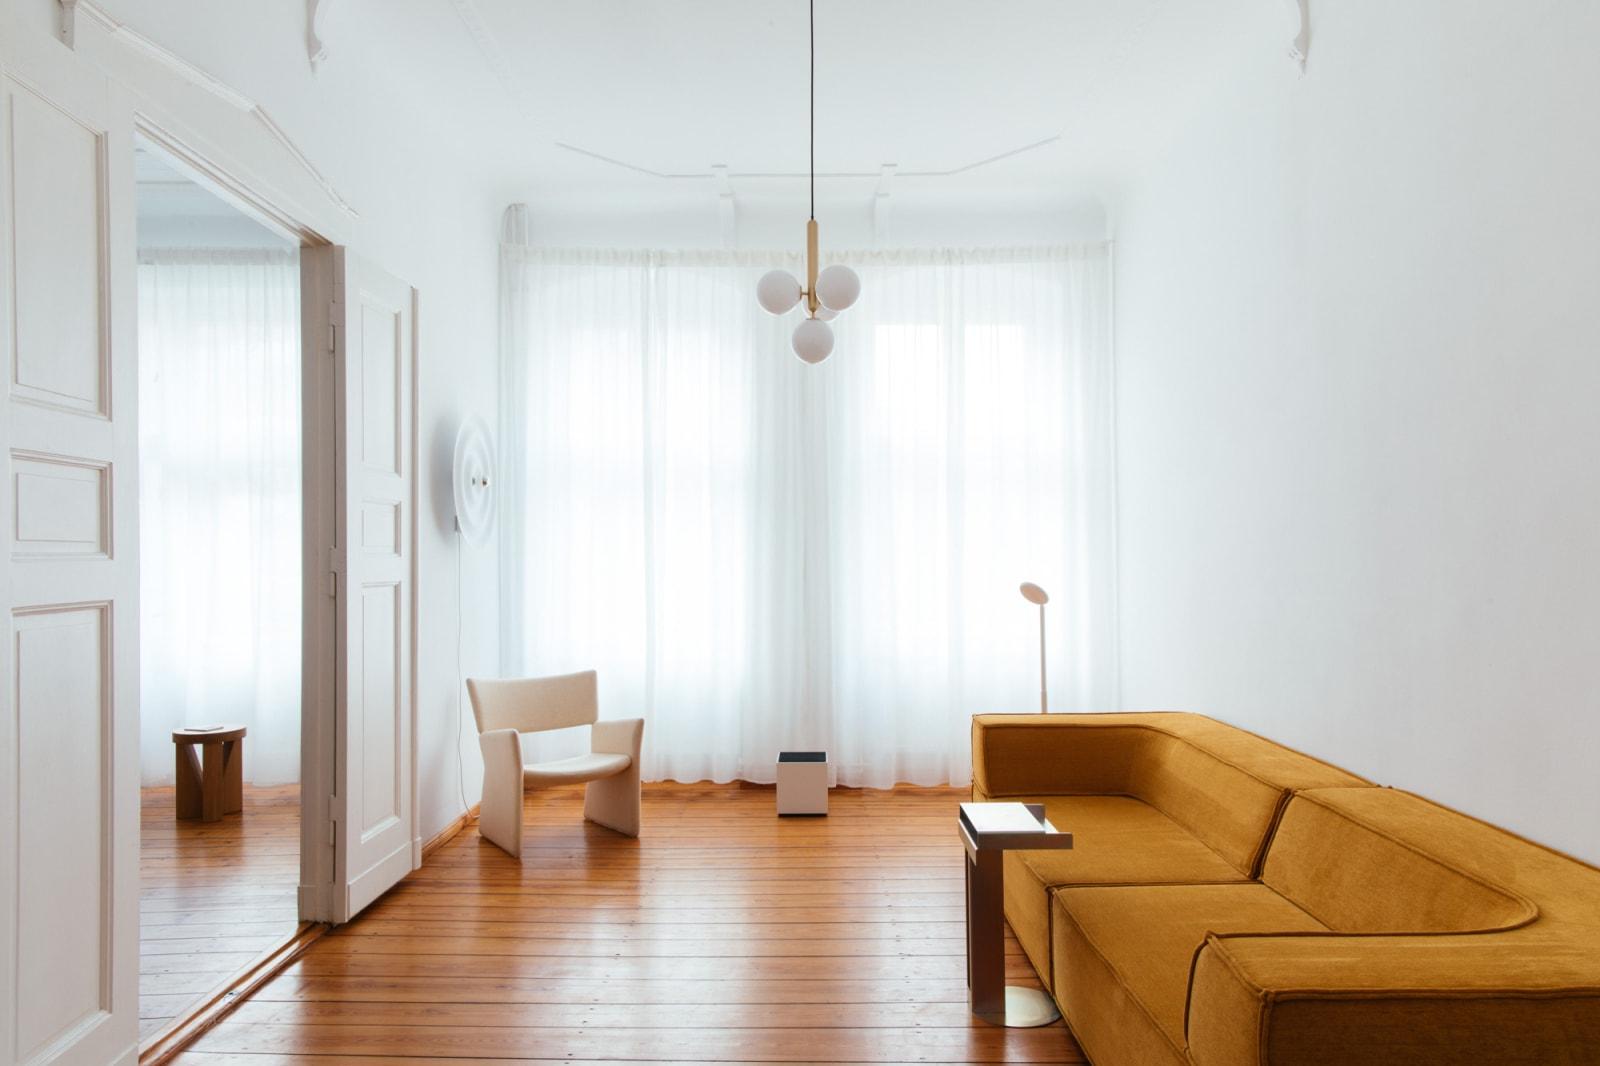 Atelier von Thisispaper Studio in Berlin